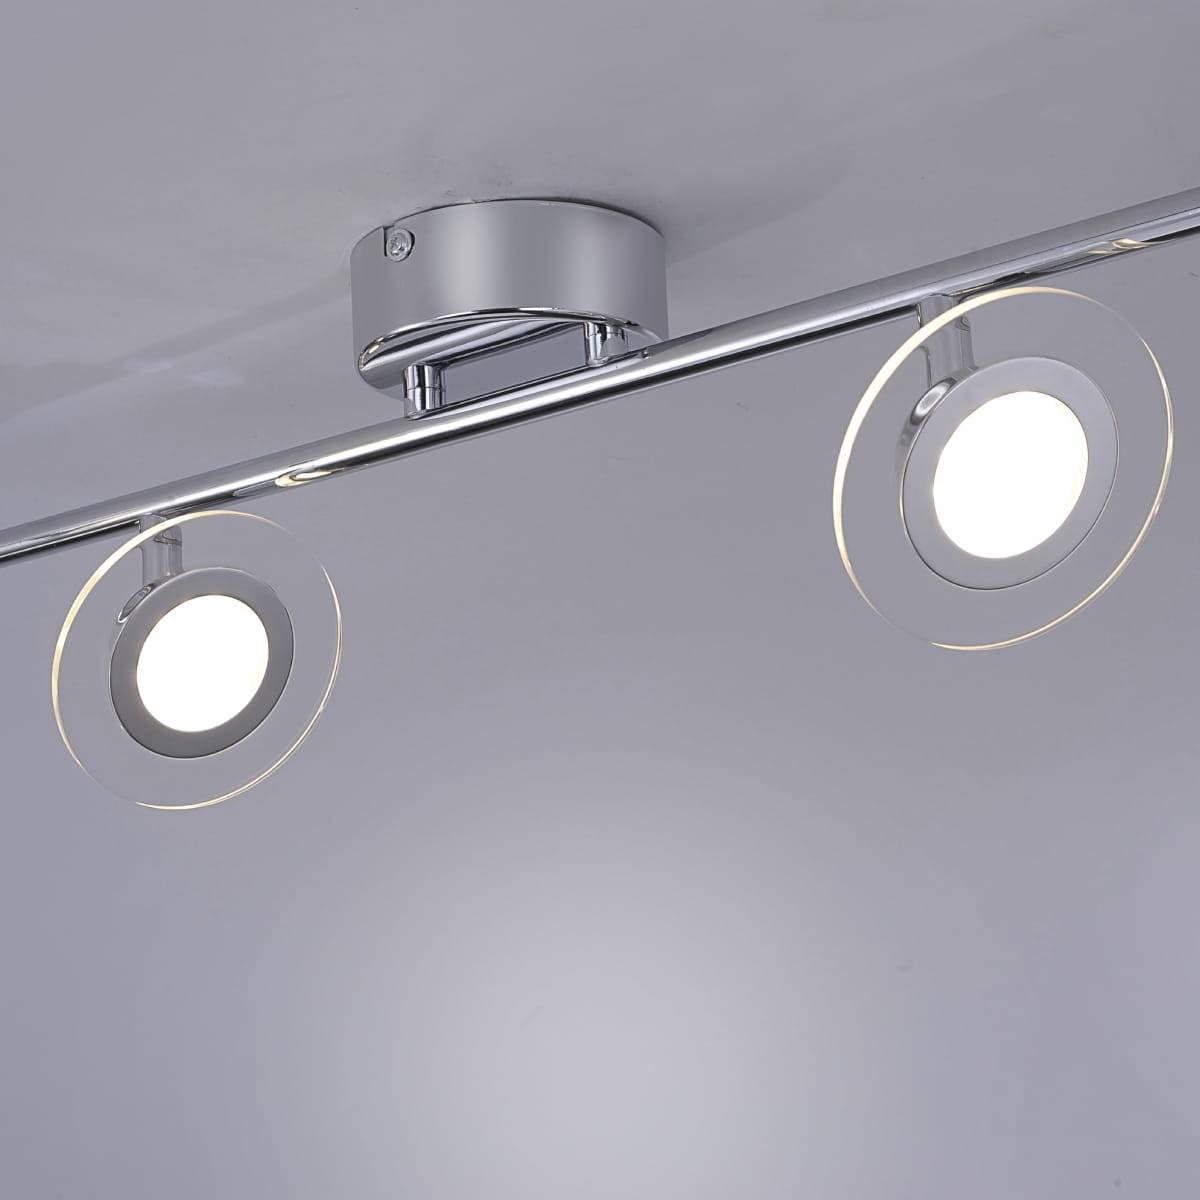 LED Deckenleuchte mit 6 schwenkbaren, abgerundeten Spots